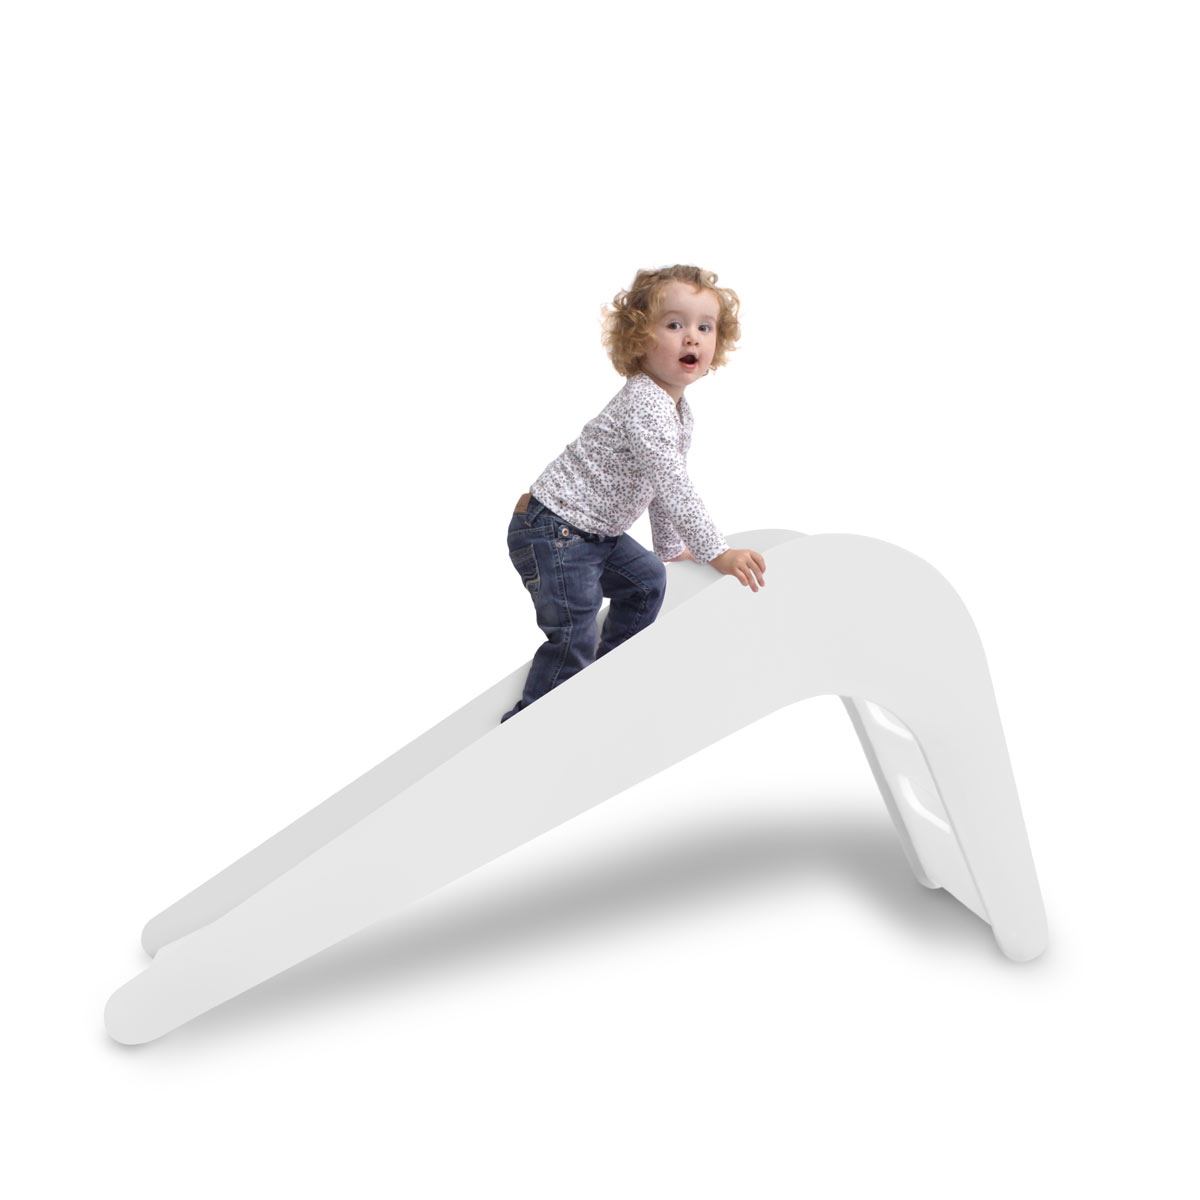 Kinderrutsche Garten war nett design für ihr haus ideen